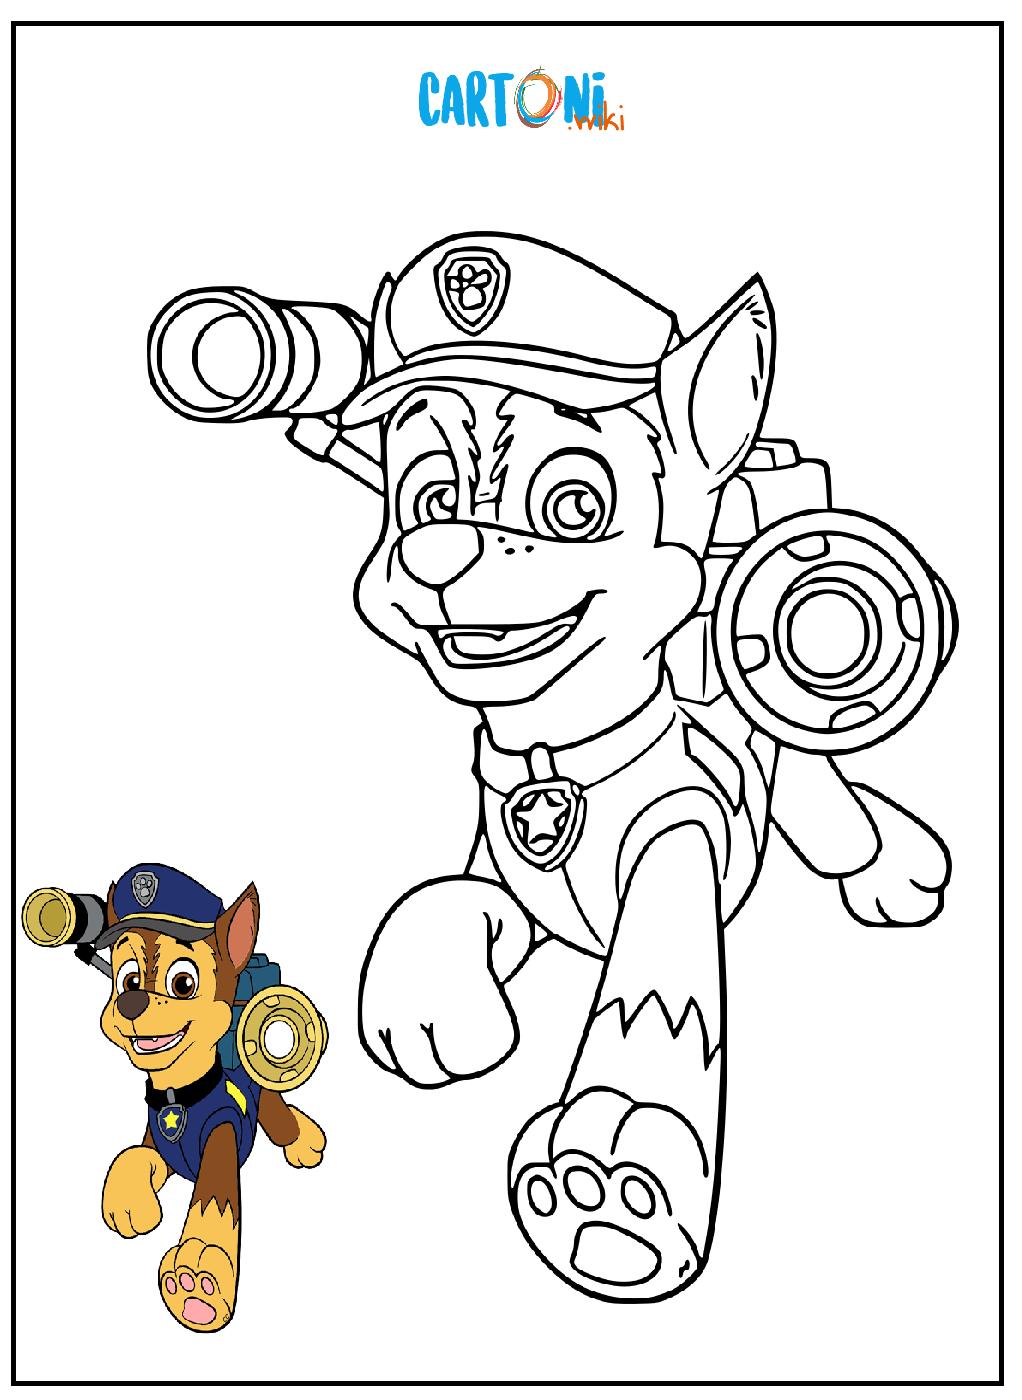 Paw Patrol Disegni Da Stampare Cartoni Animati